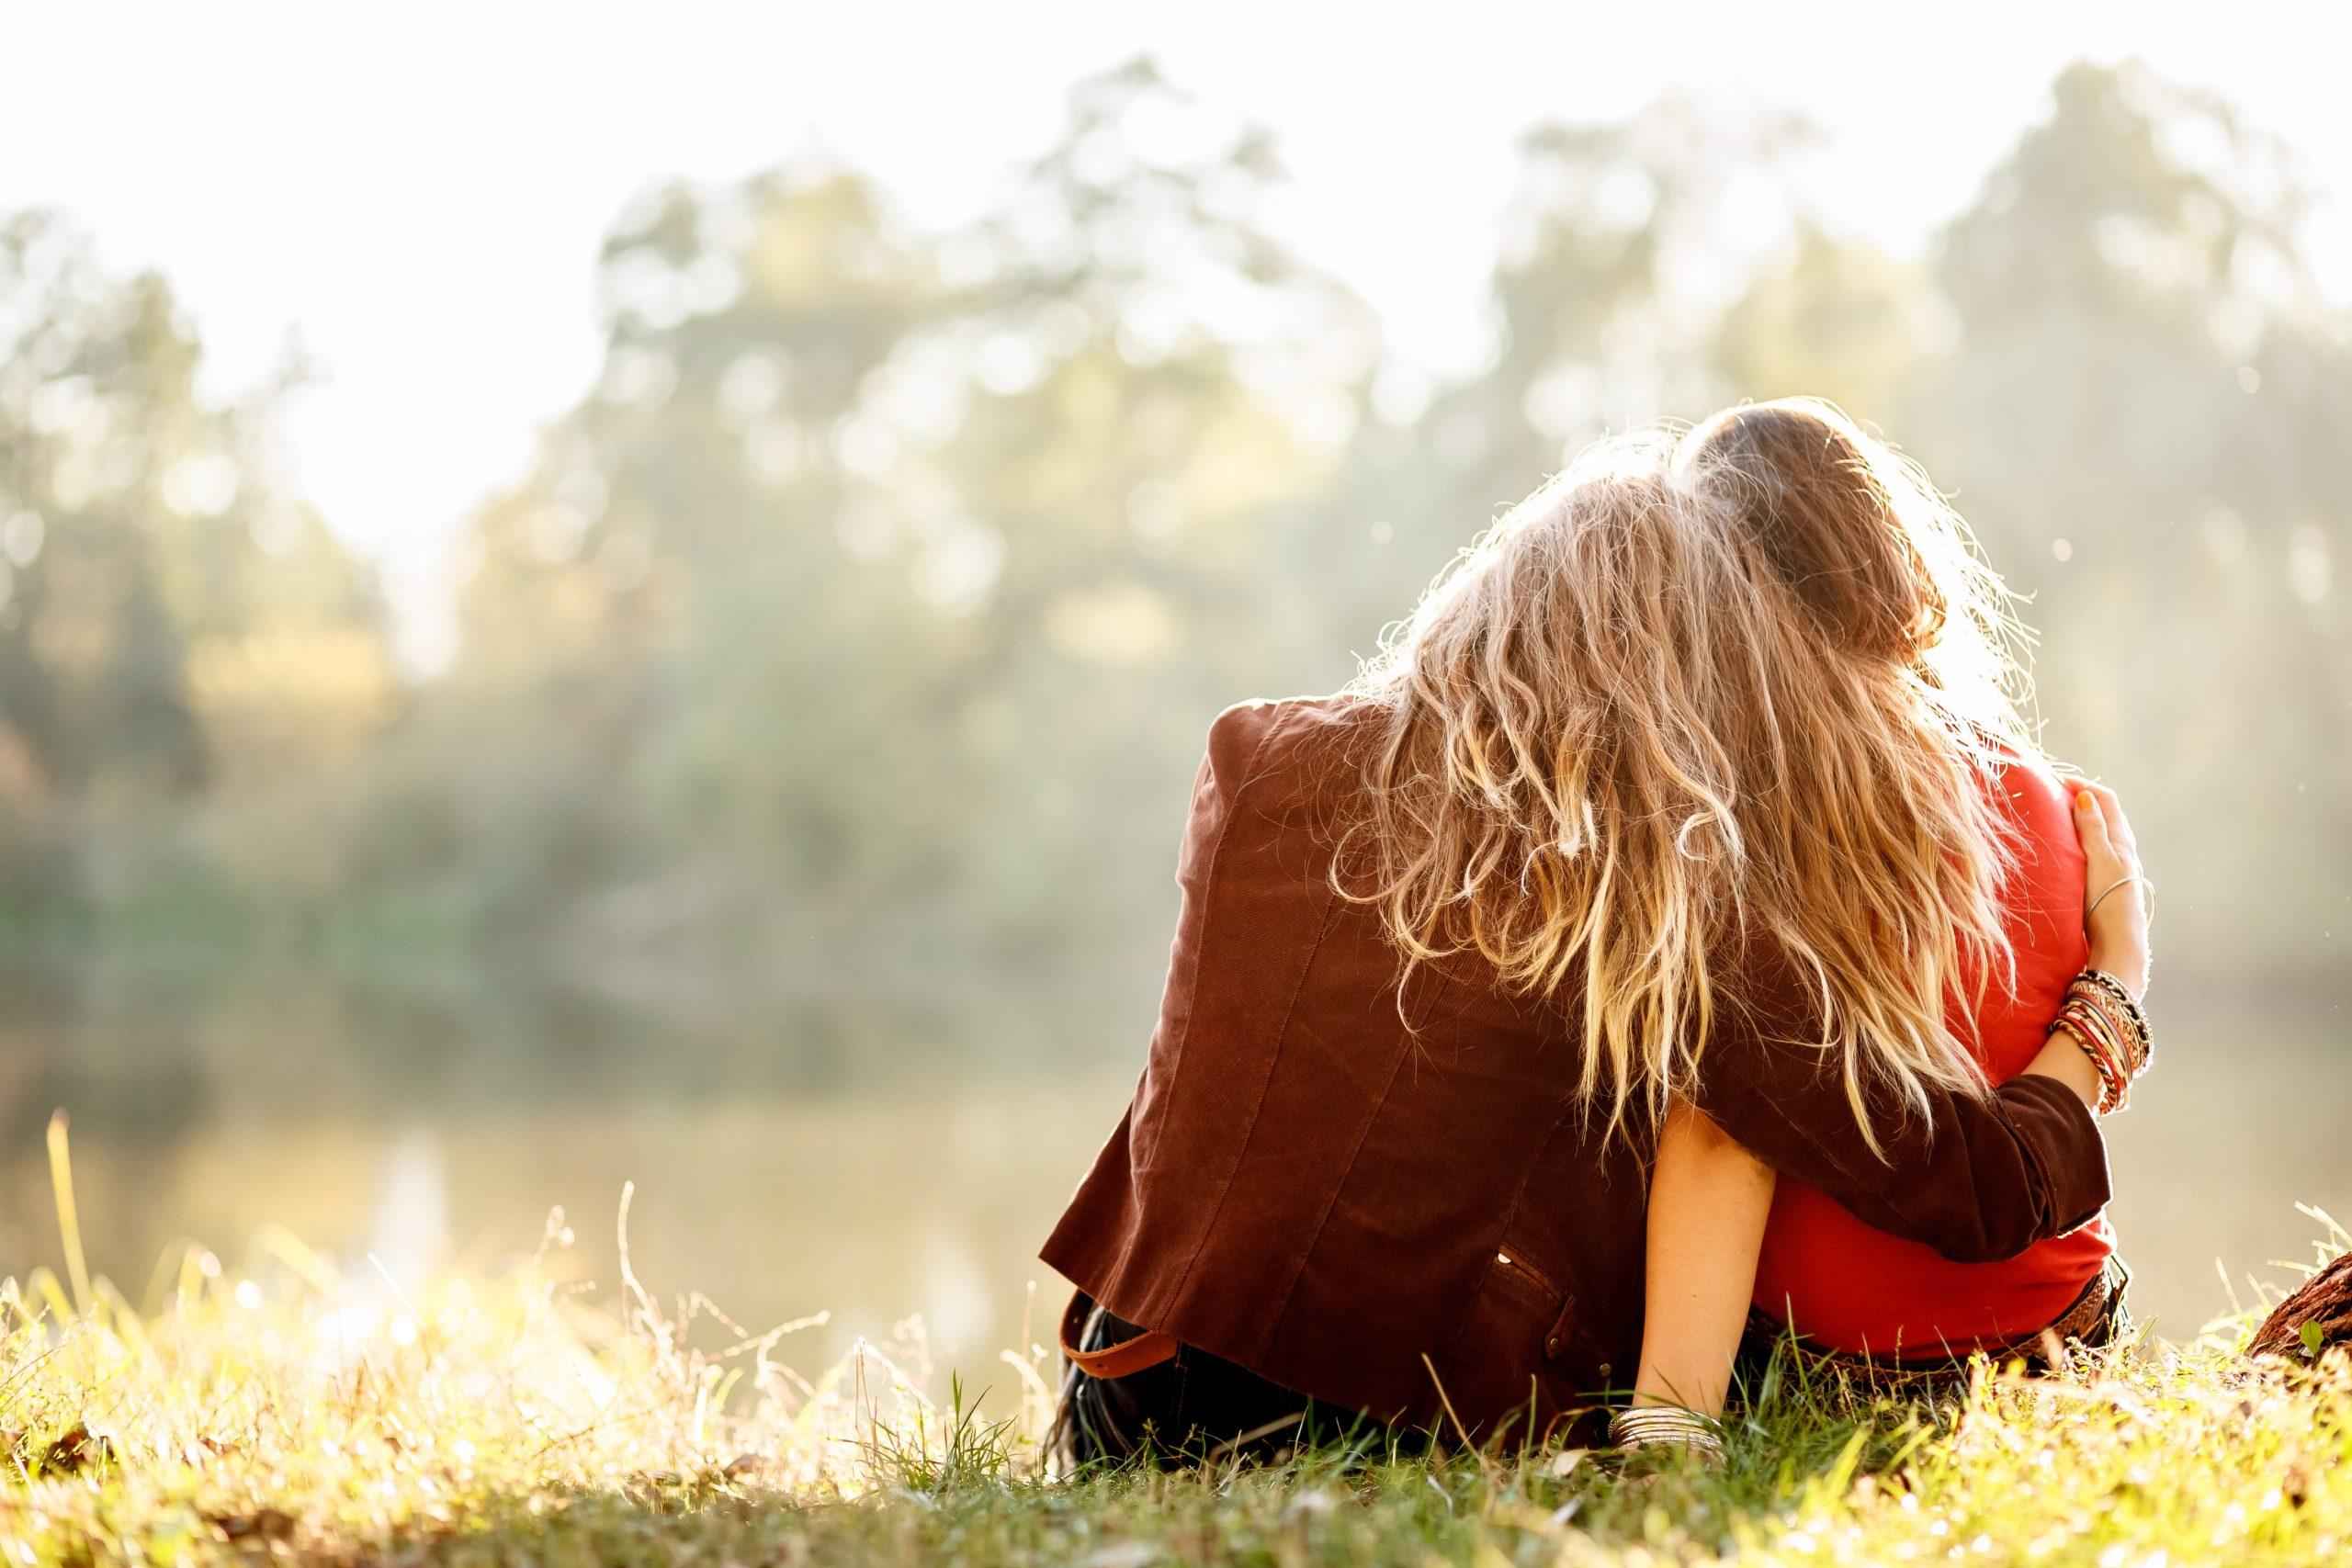 Γιατί είναι σημαντική η συναισθηματική υγεία και πώς συνδέεται με την ποιοτική διασύνδεση;